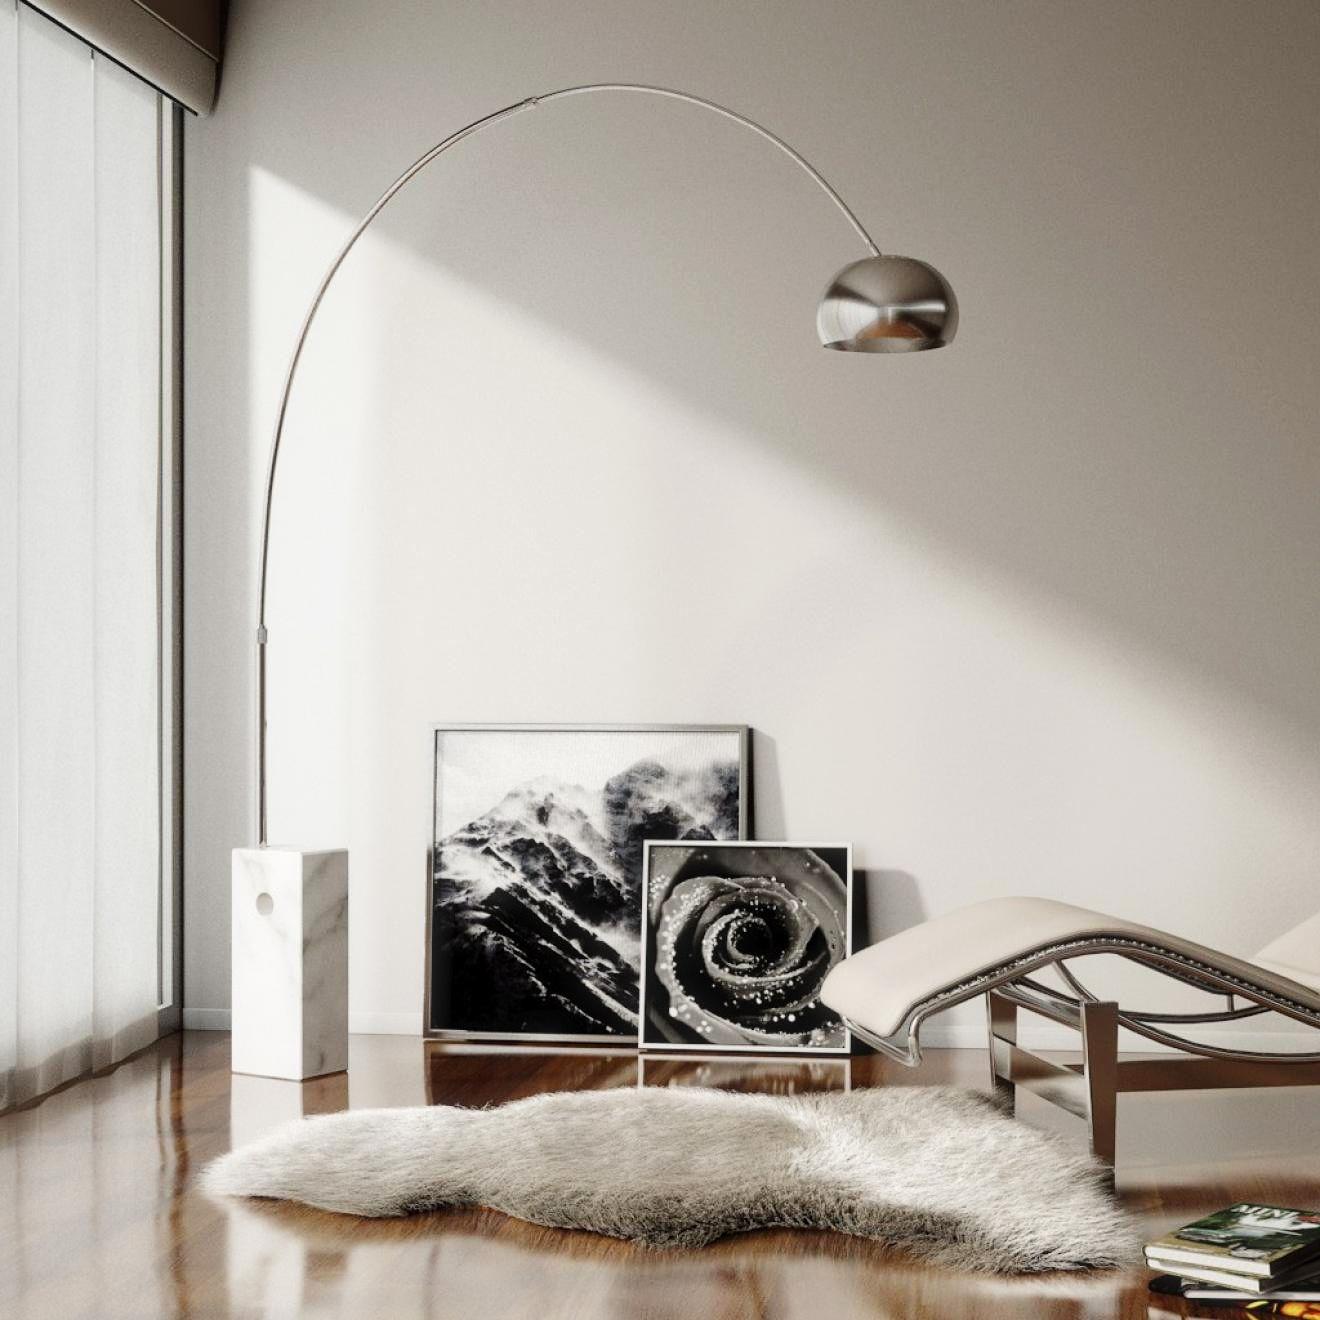 Flos Arco Floor Lamp Led In 2020 Arco Floor Lamp Arco Lamps Flos Arco Floor Lamp